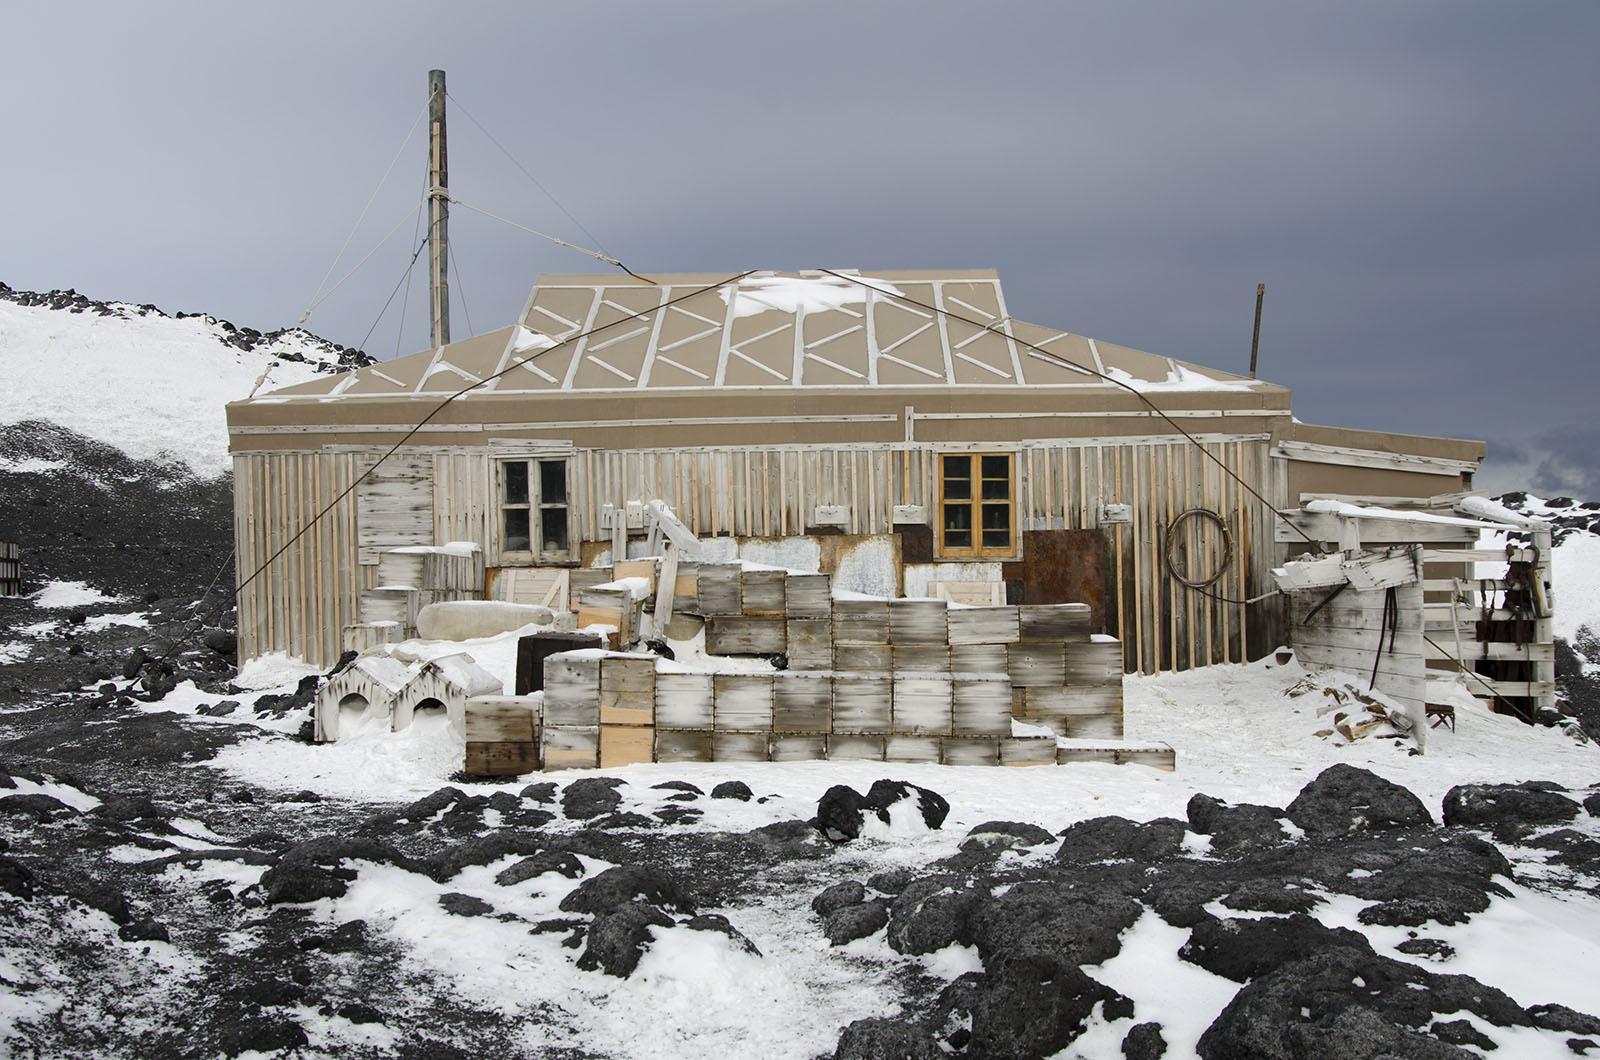 Shackleton's Hut 1 2013 16×24 © L'Heureux